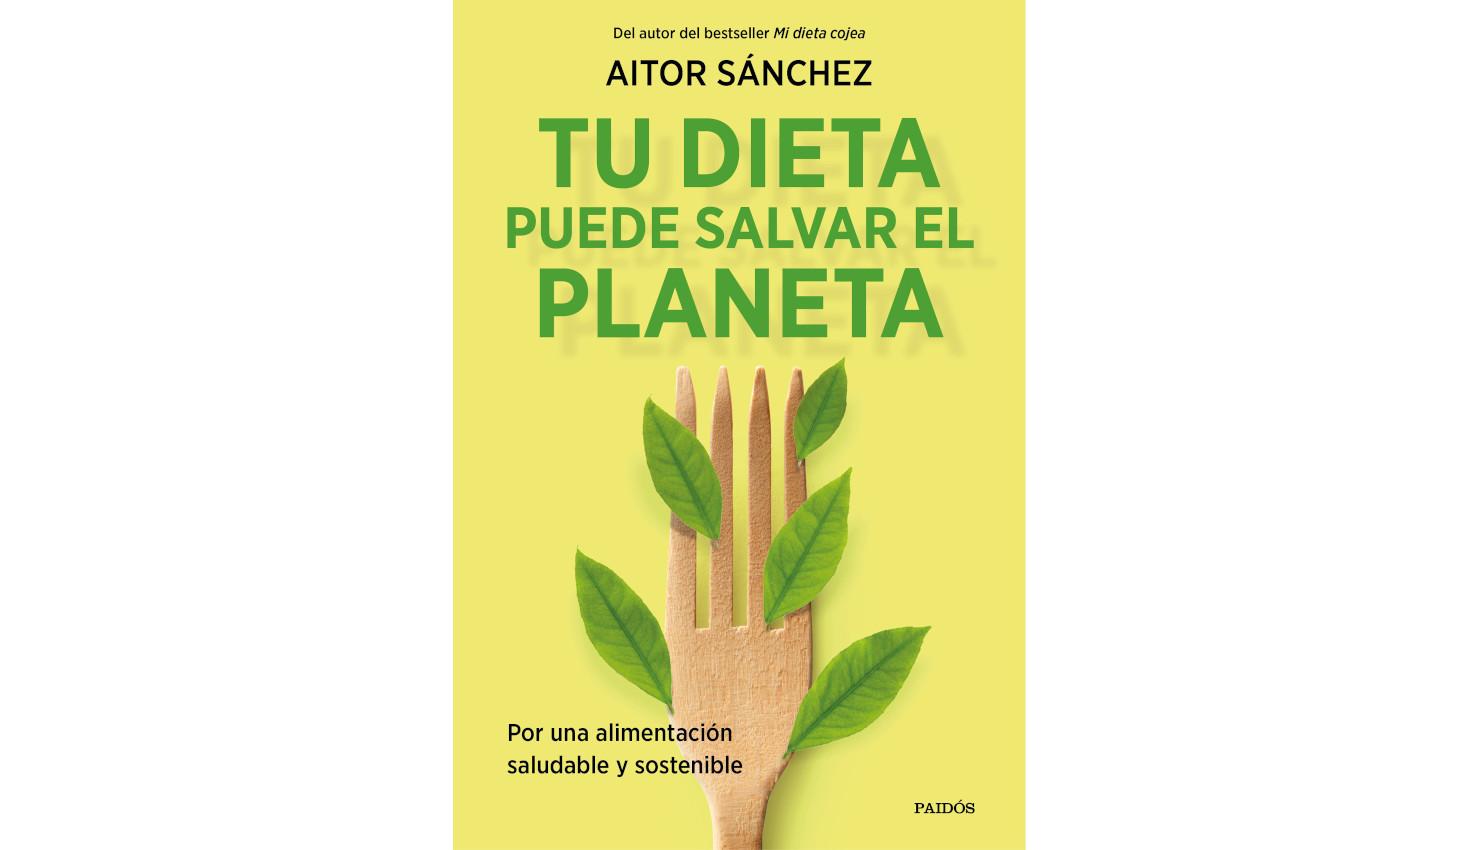 tudietapuedesalvarrelplaneta-aitorsanchez-magazinehorsetudietapuedesalvarrelplaneta-aitorsanchez-magazinehorse